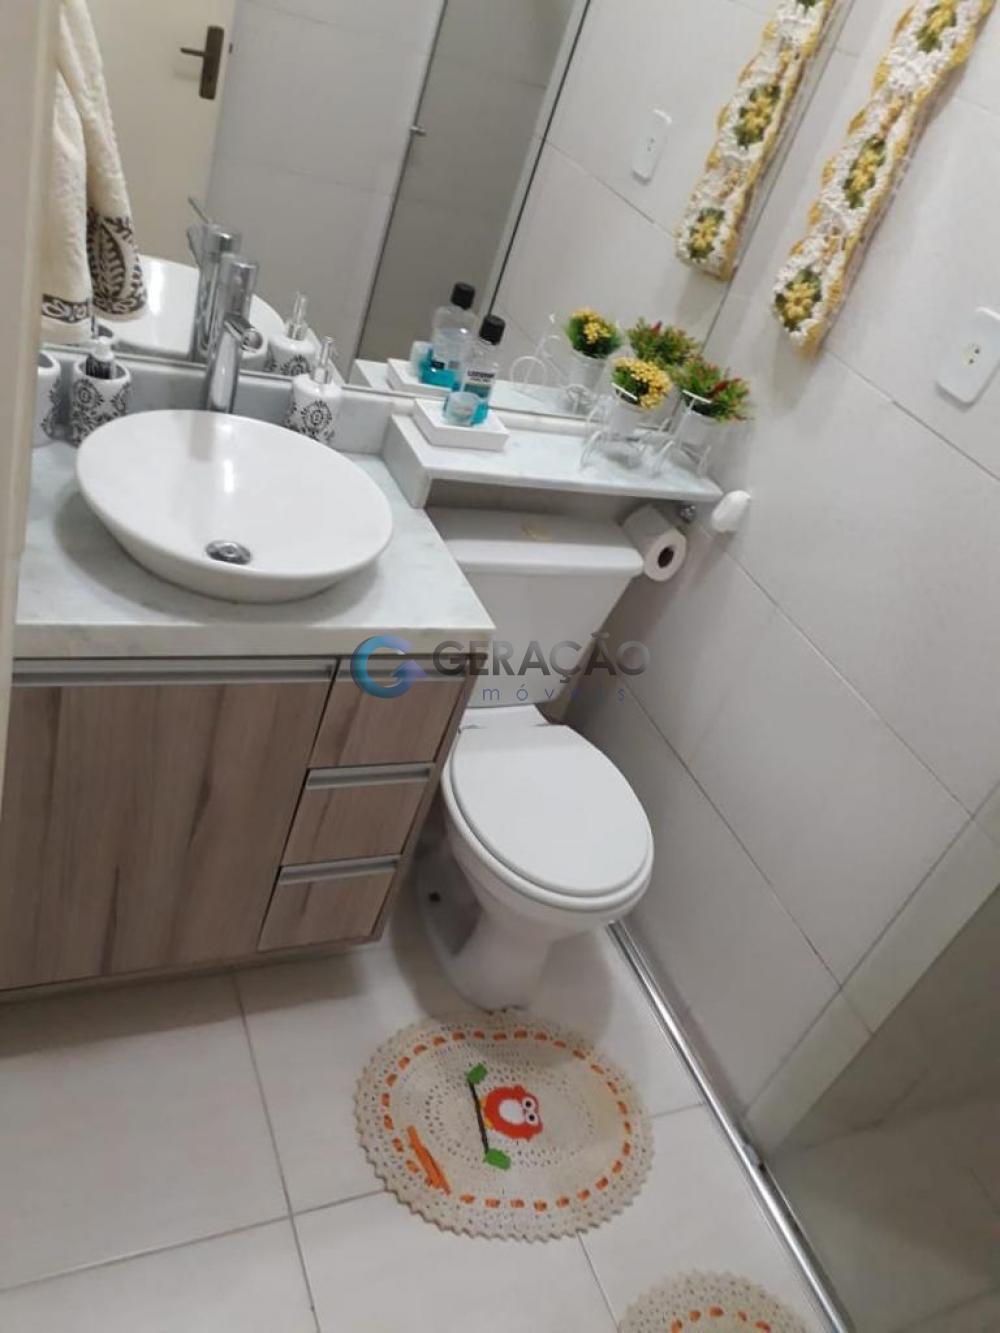 Comprar Casa / Condomínio em São José dos Campos R$ 288.000,00 - Foto 26